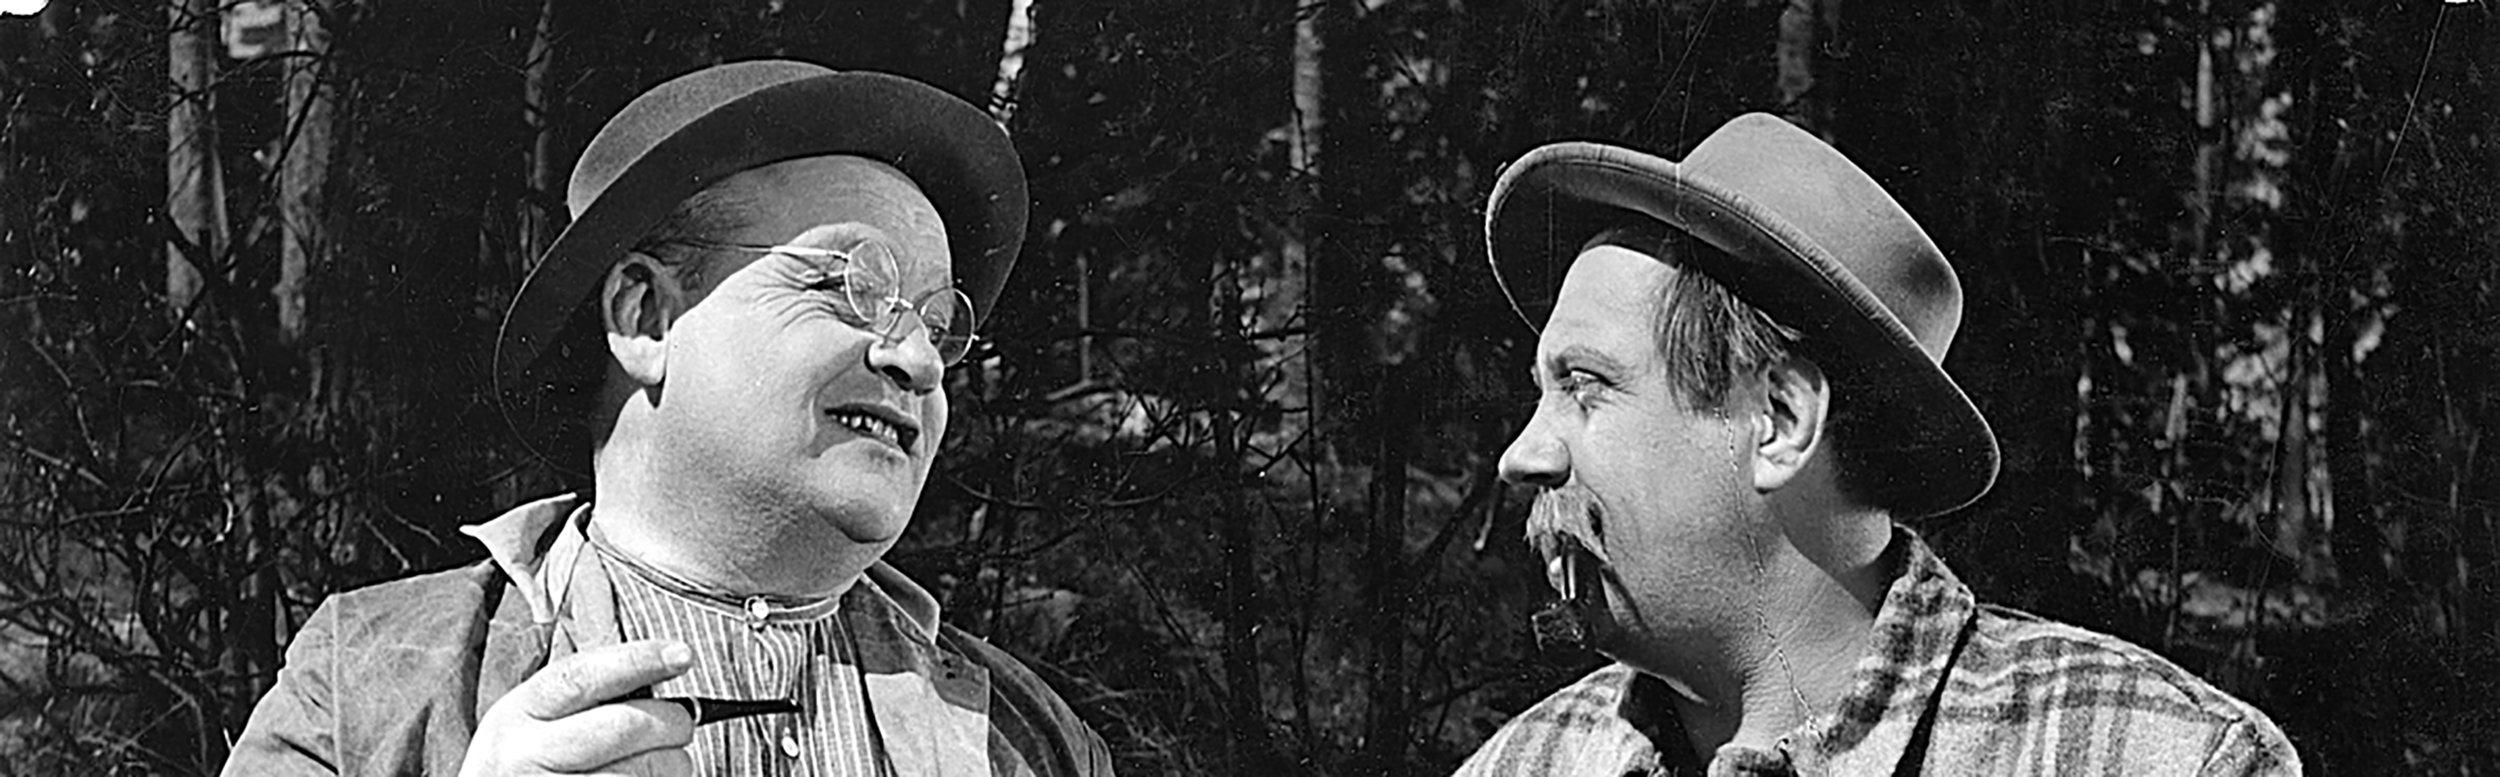 Two-Old-Lumberjacks_WEB.jpg